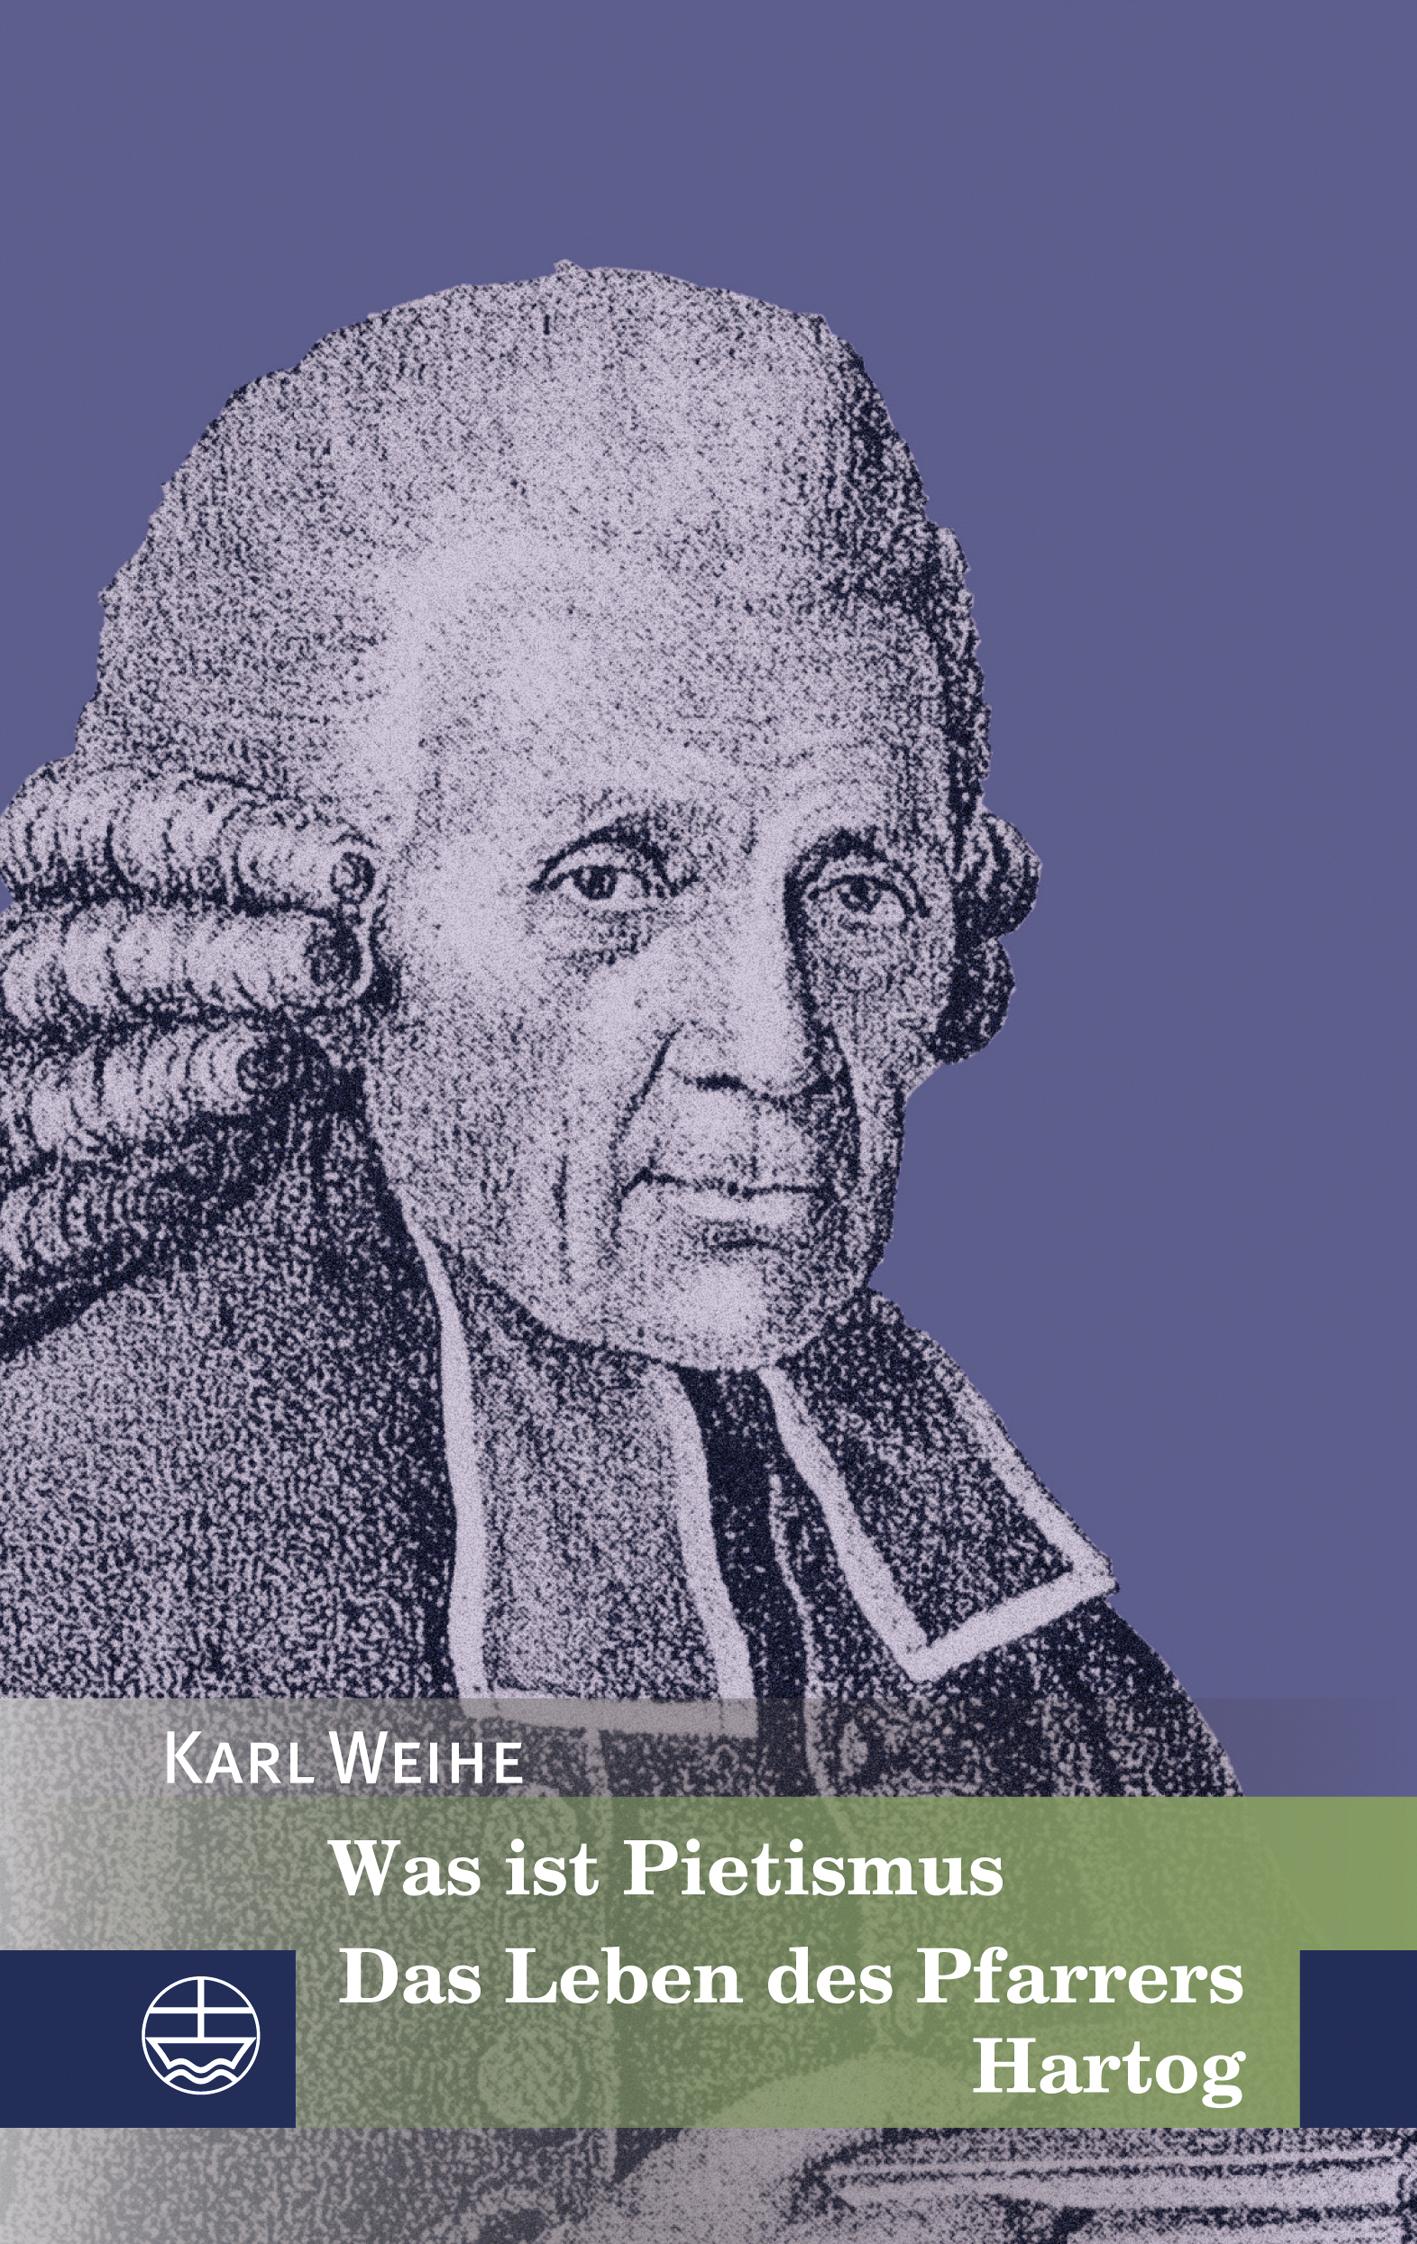 Was ist Pietismus | Das Leben des Pfarrers Hartog | Karl Weihe